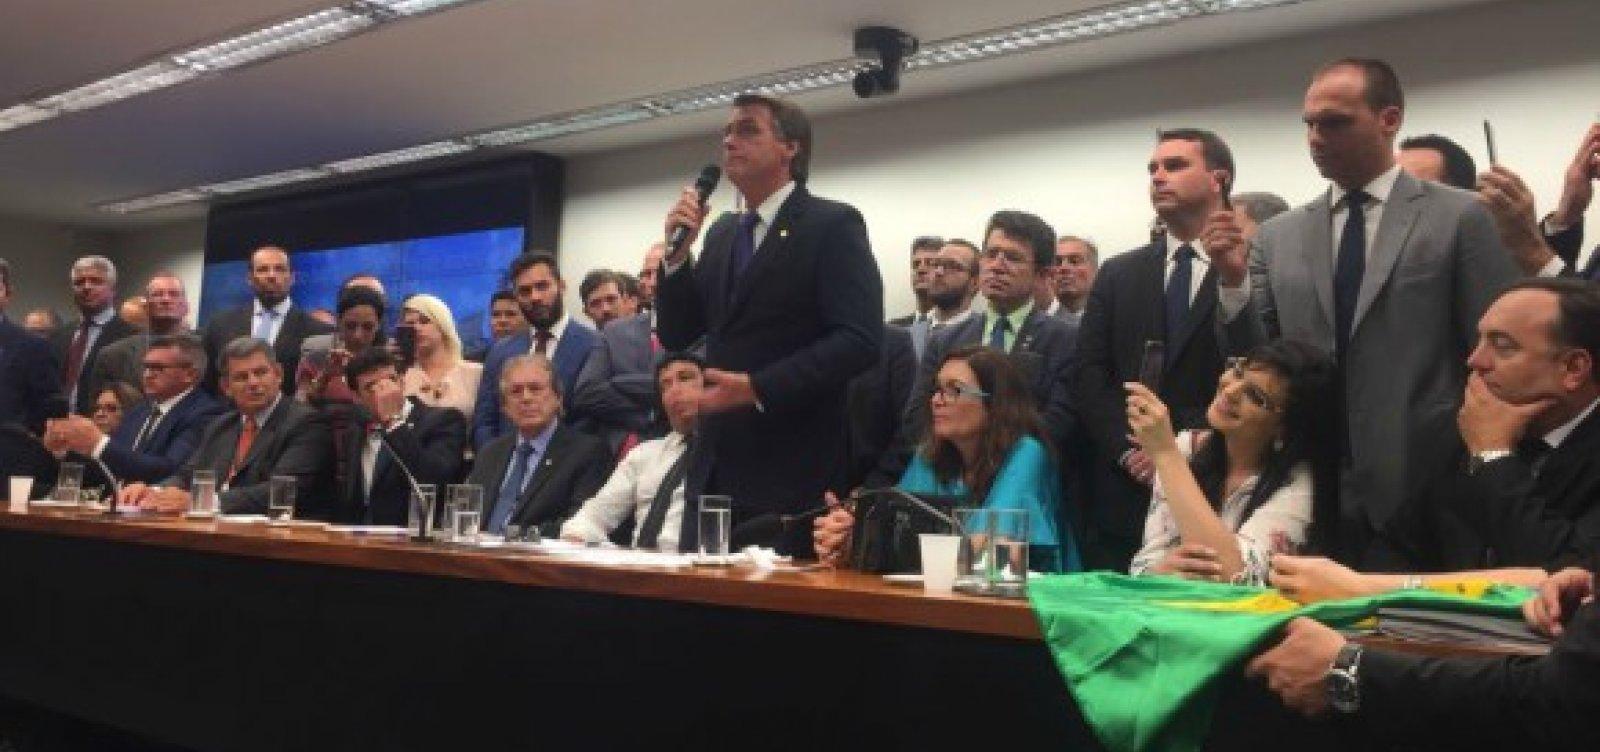 [Governo diz que vai liberar R$ 20 mi em verbas a deputado que votar reforma]